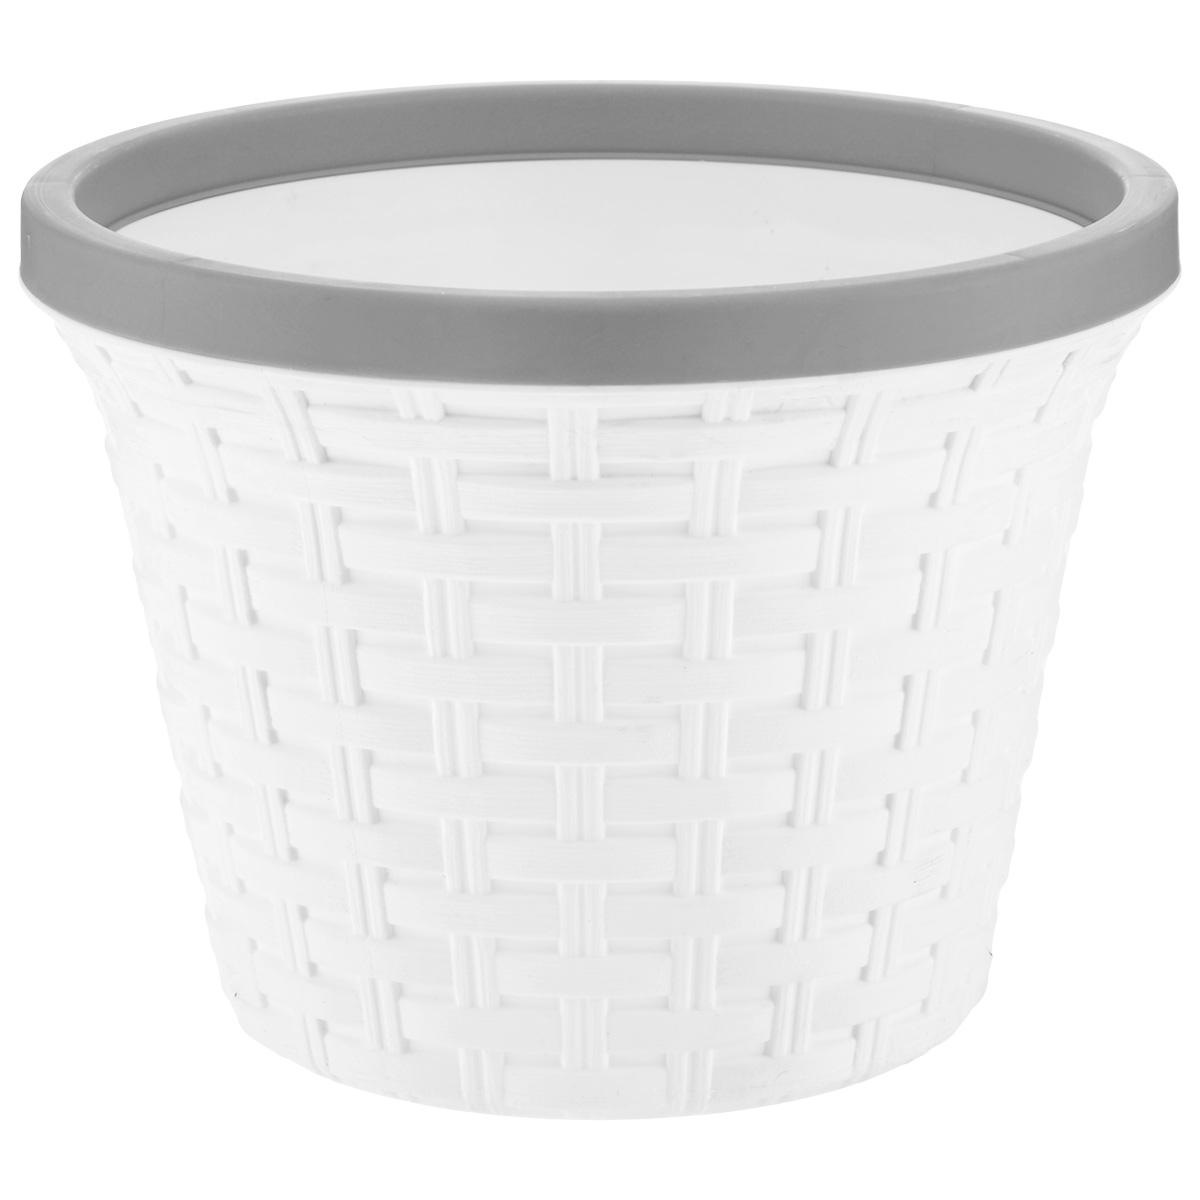 Кашпо Violet Ротанг, с дренажной системой, цвет: белый, 6,5 л810614Кашпо Violet Ротанг изготовлено из высококачественного пластика и оснащено дренажной системой для быстрого отведения избытка воды при поливе. Изделие прекрасно подходит для выращивания растений и цветов в домашних условиях. Лаконичный дизайн впишется в интерьер любого помещения.Объем: 6,5 л.